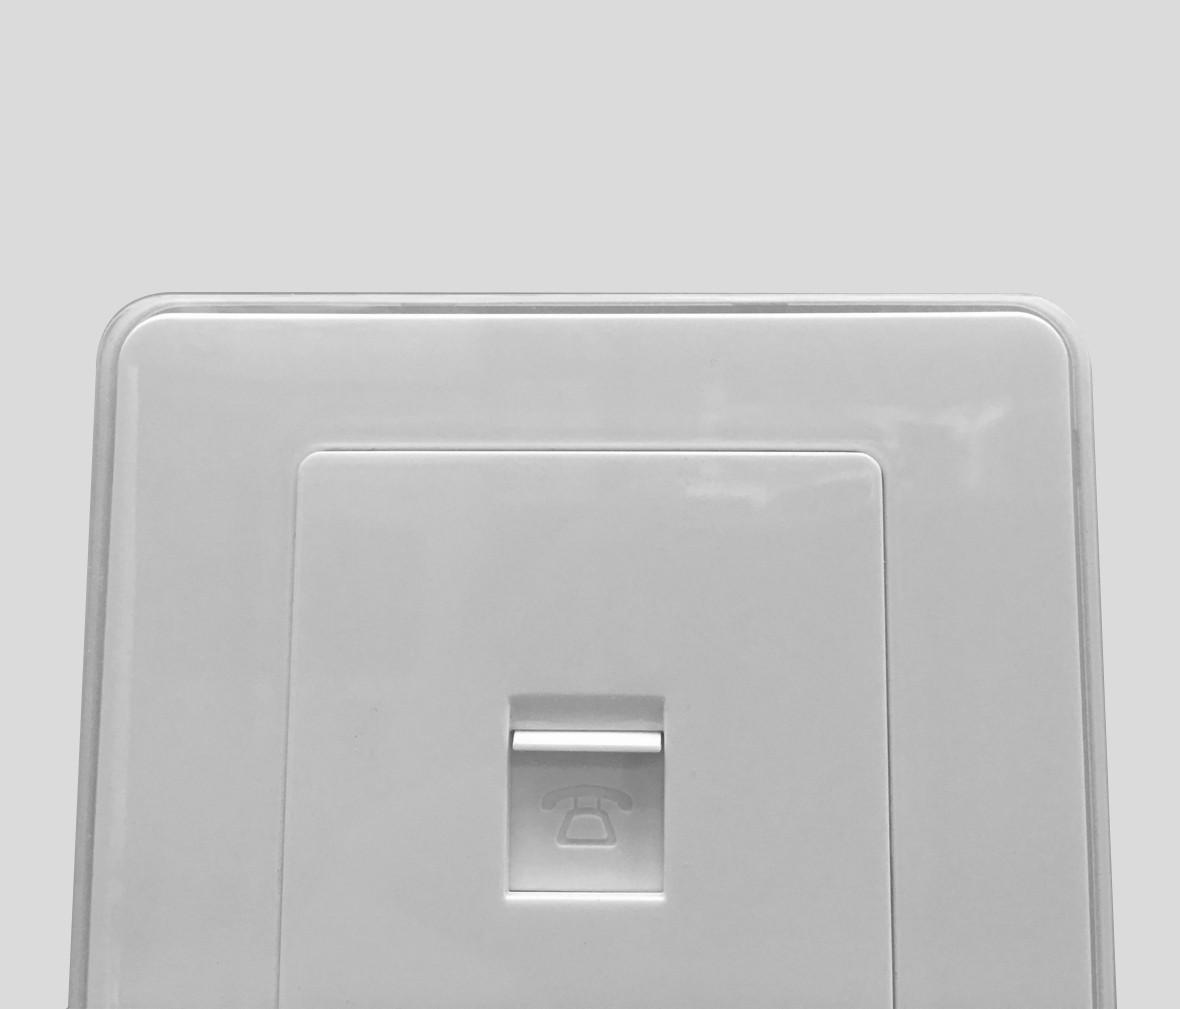 朗士照明 罗格朗逸典系列冰莹白电话插口 信号口 开关